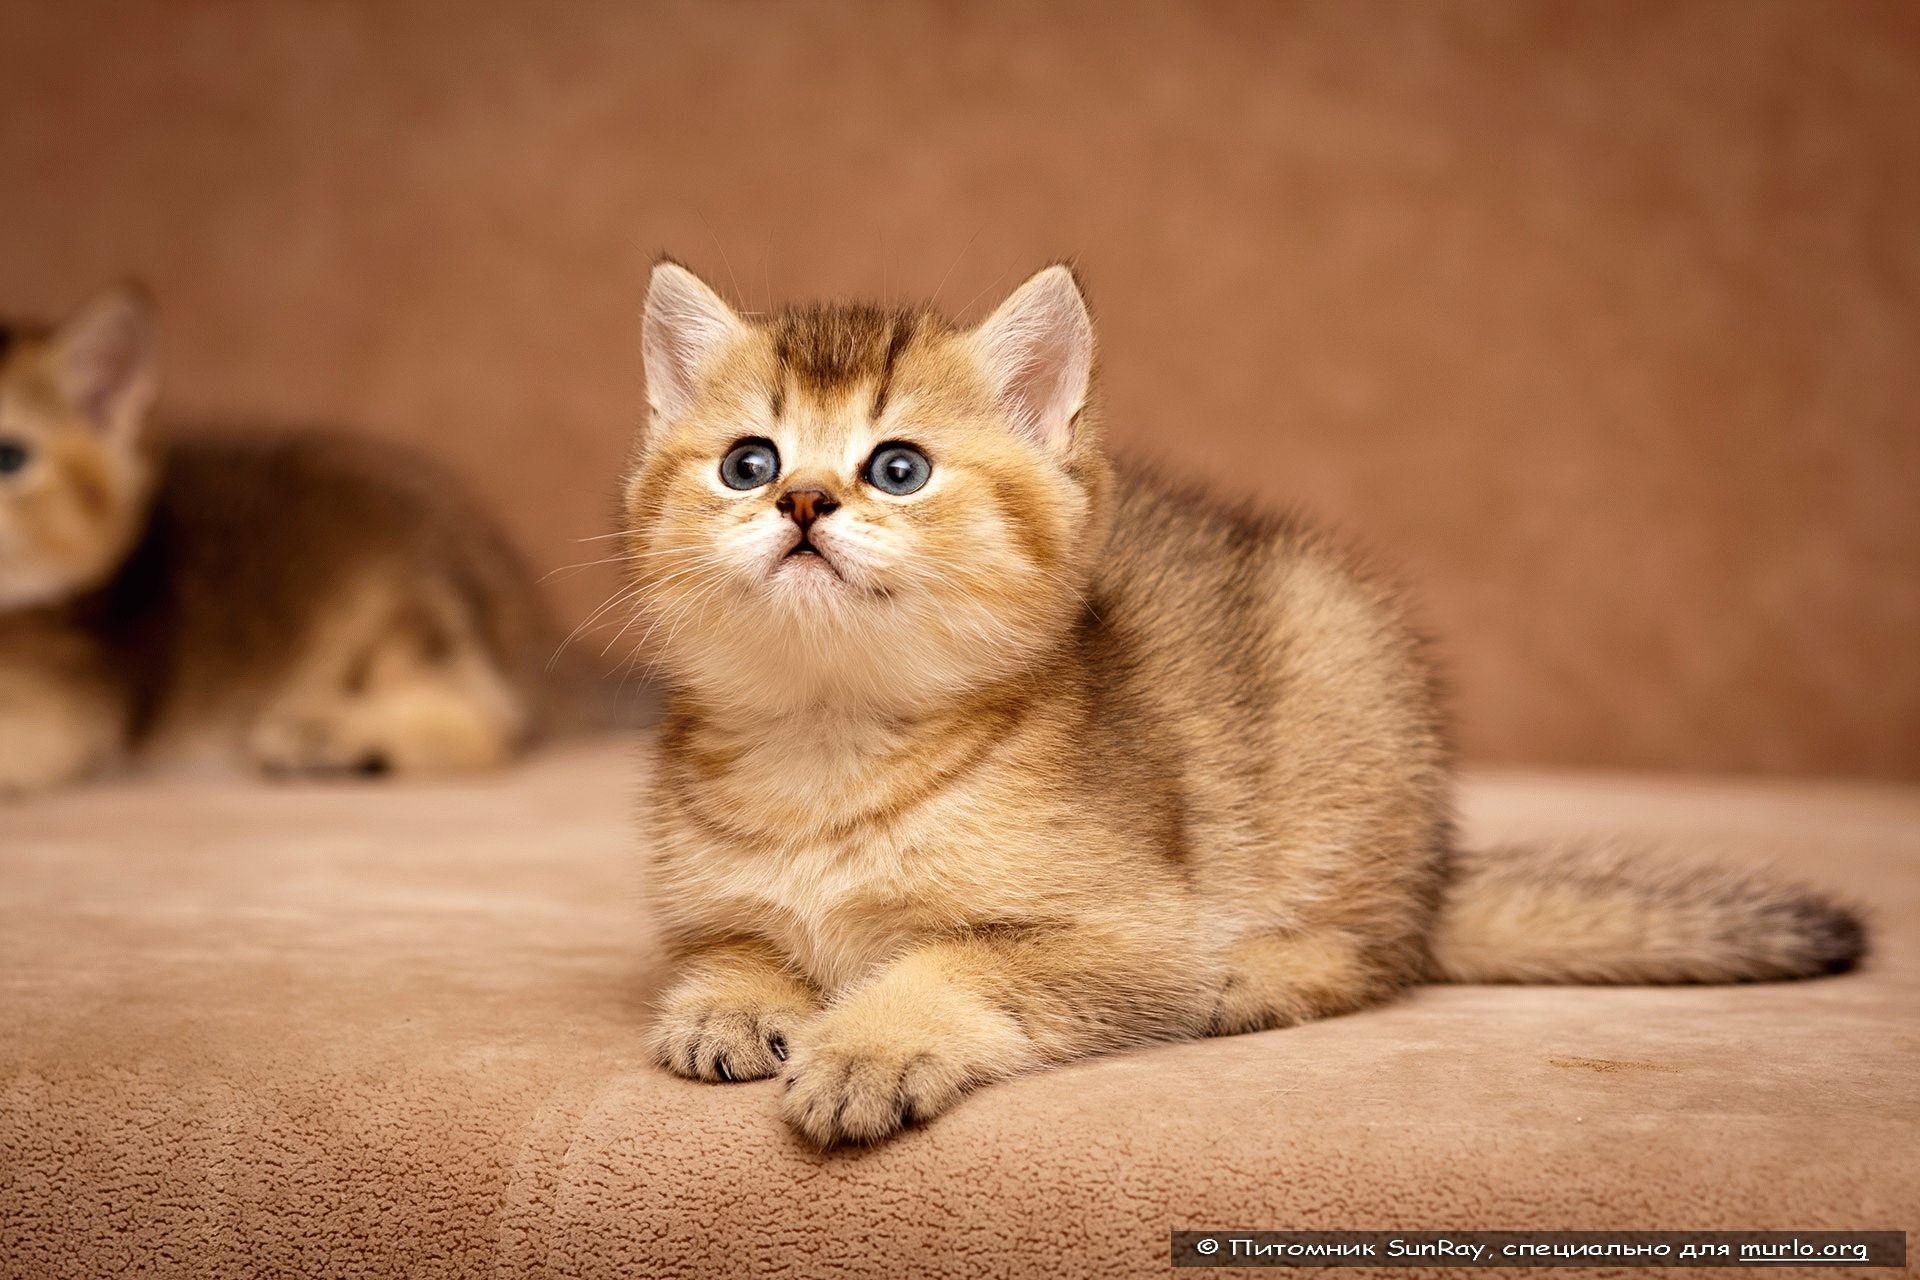 Британская кошка 27 фото  classpicru